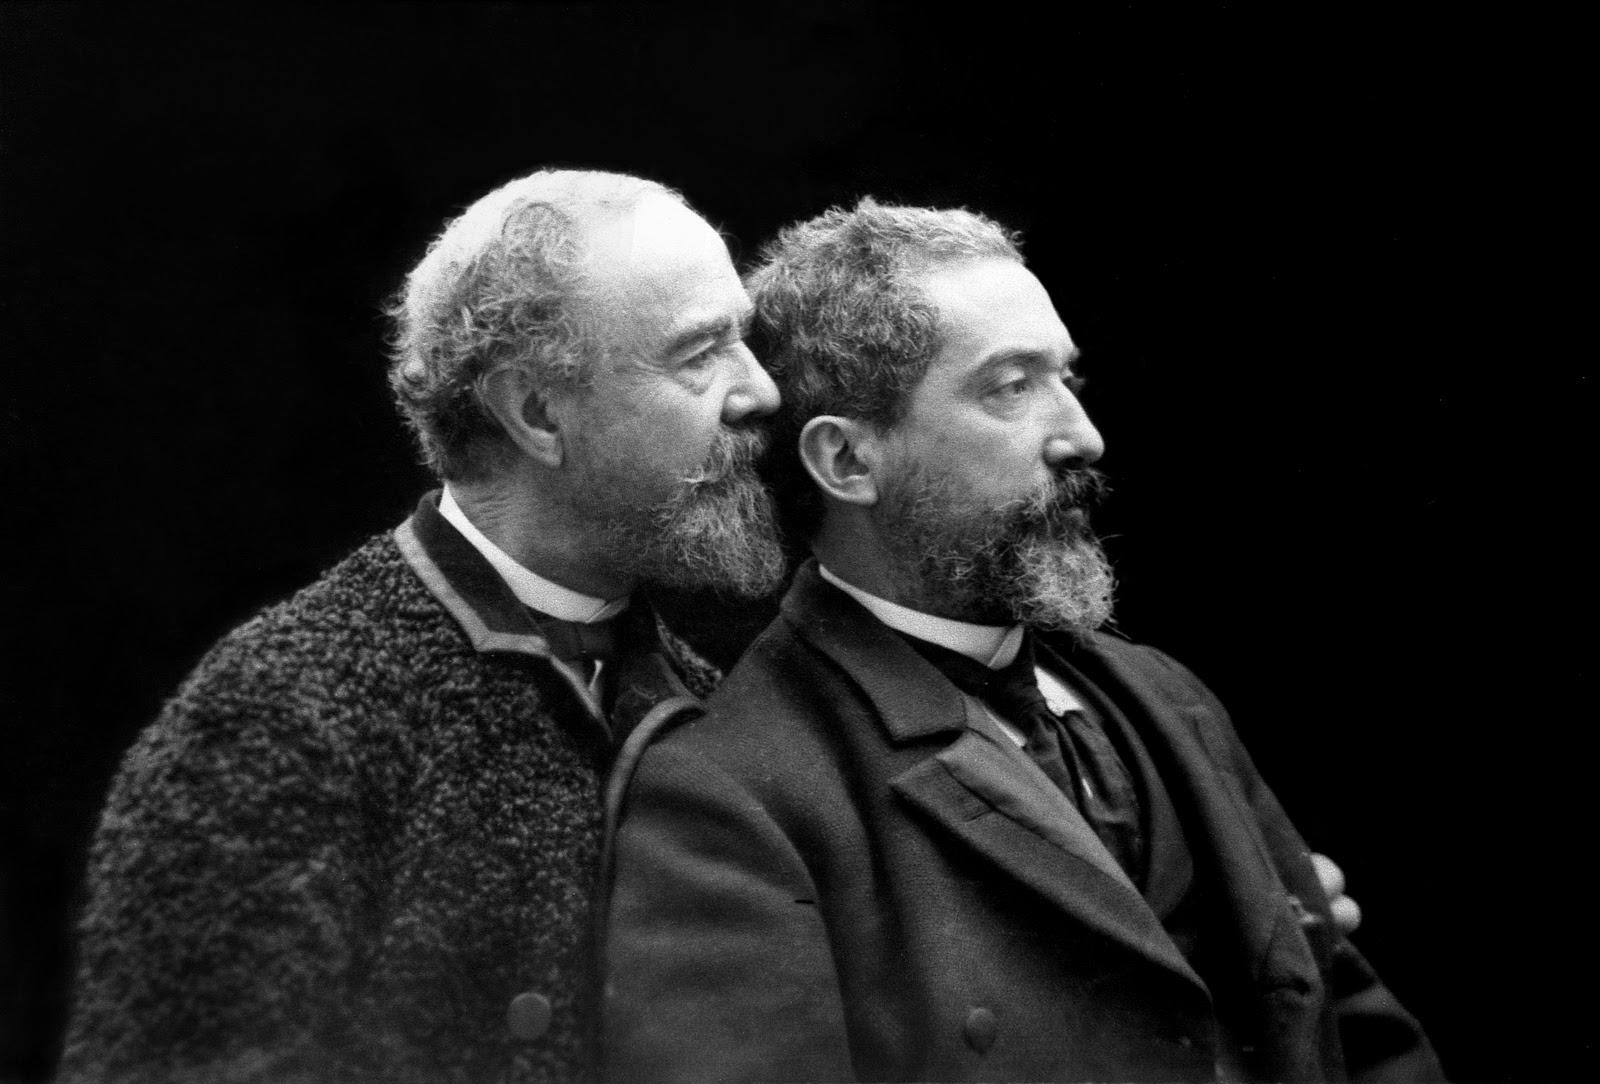 Antonio Fernandez Soriano y Emilio Fernández dits Napoleon c-1900 Col Particular